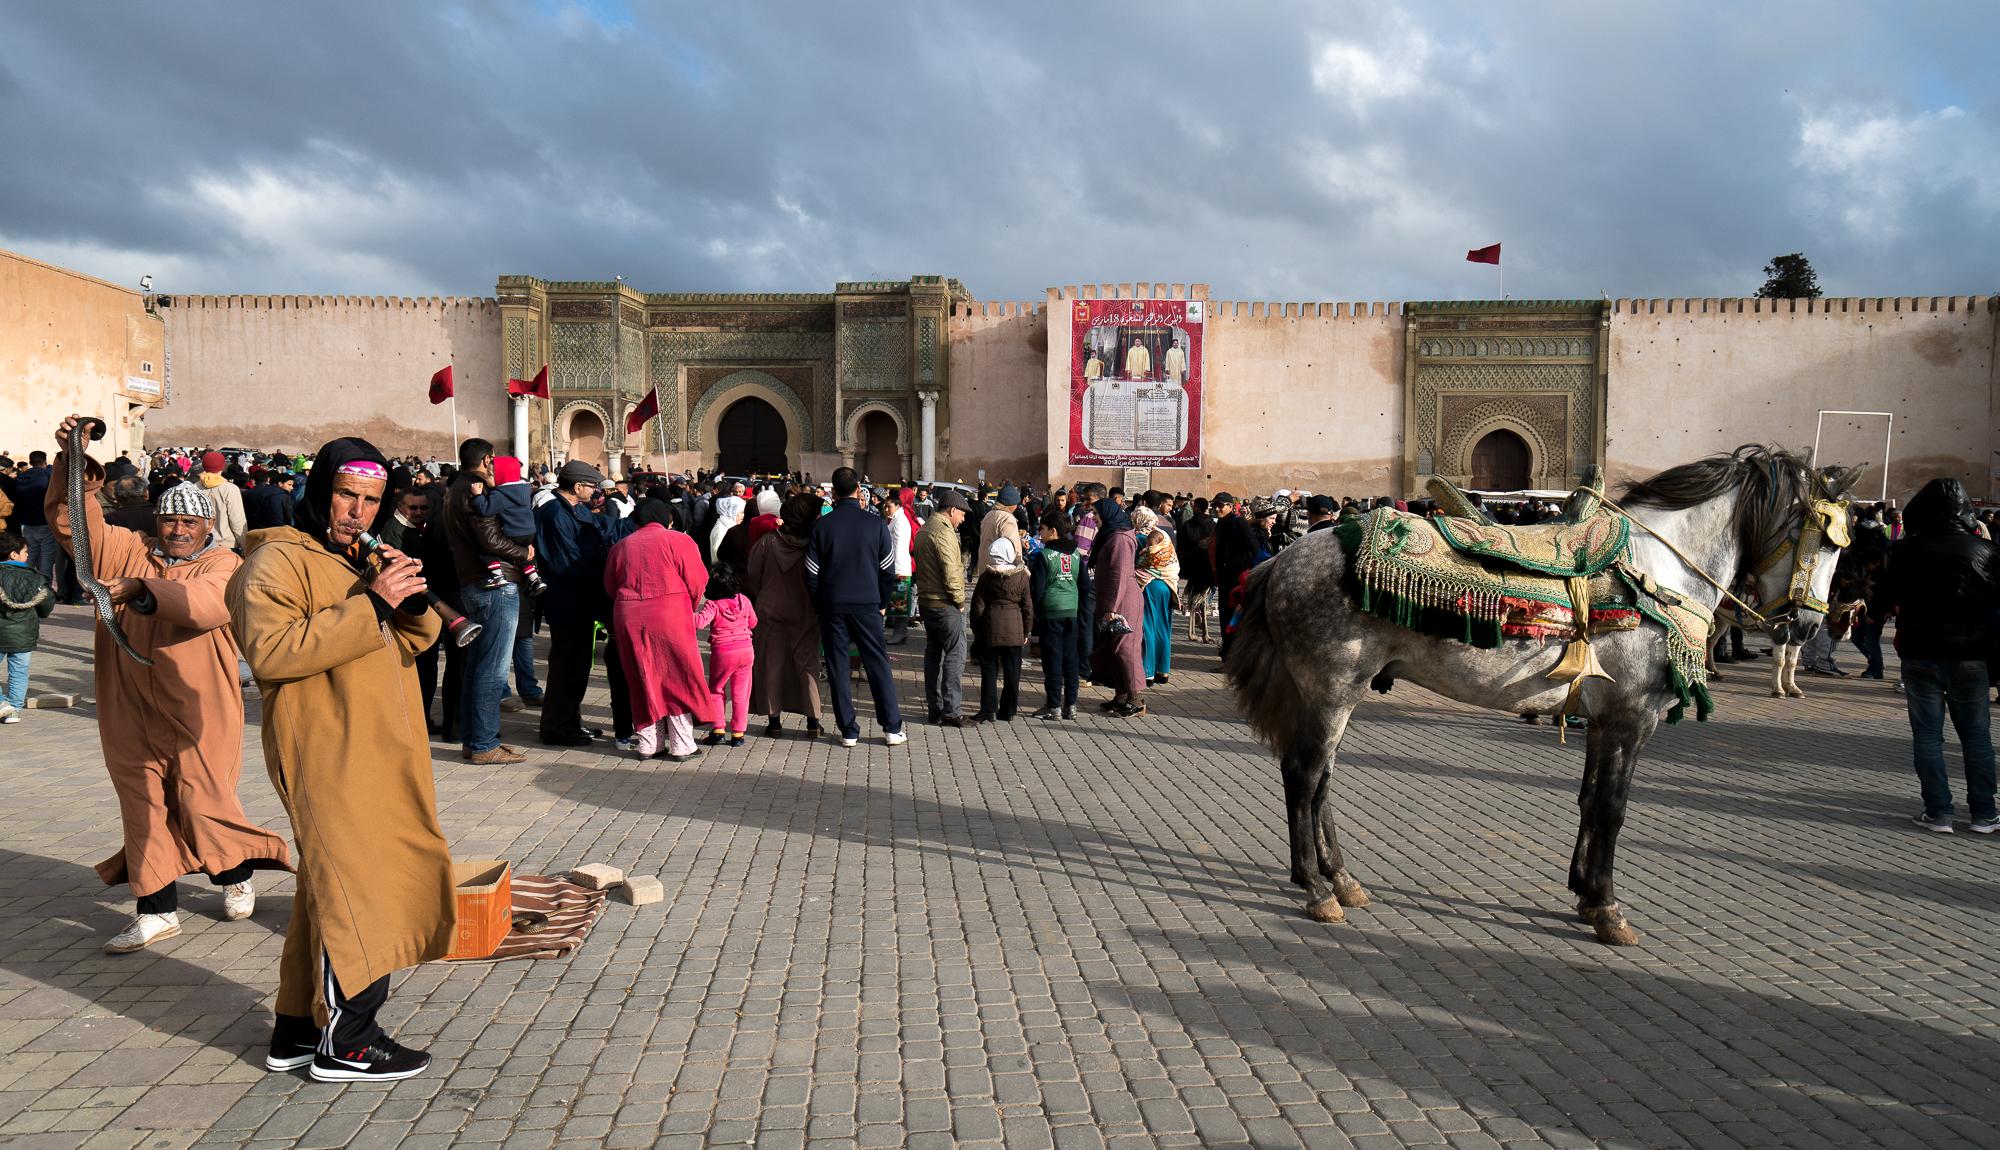 Morocco  sin título2018-09712-2 7952 x 5304.jpg